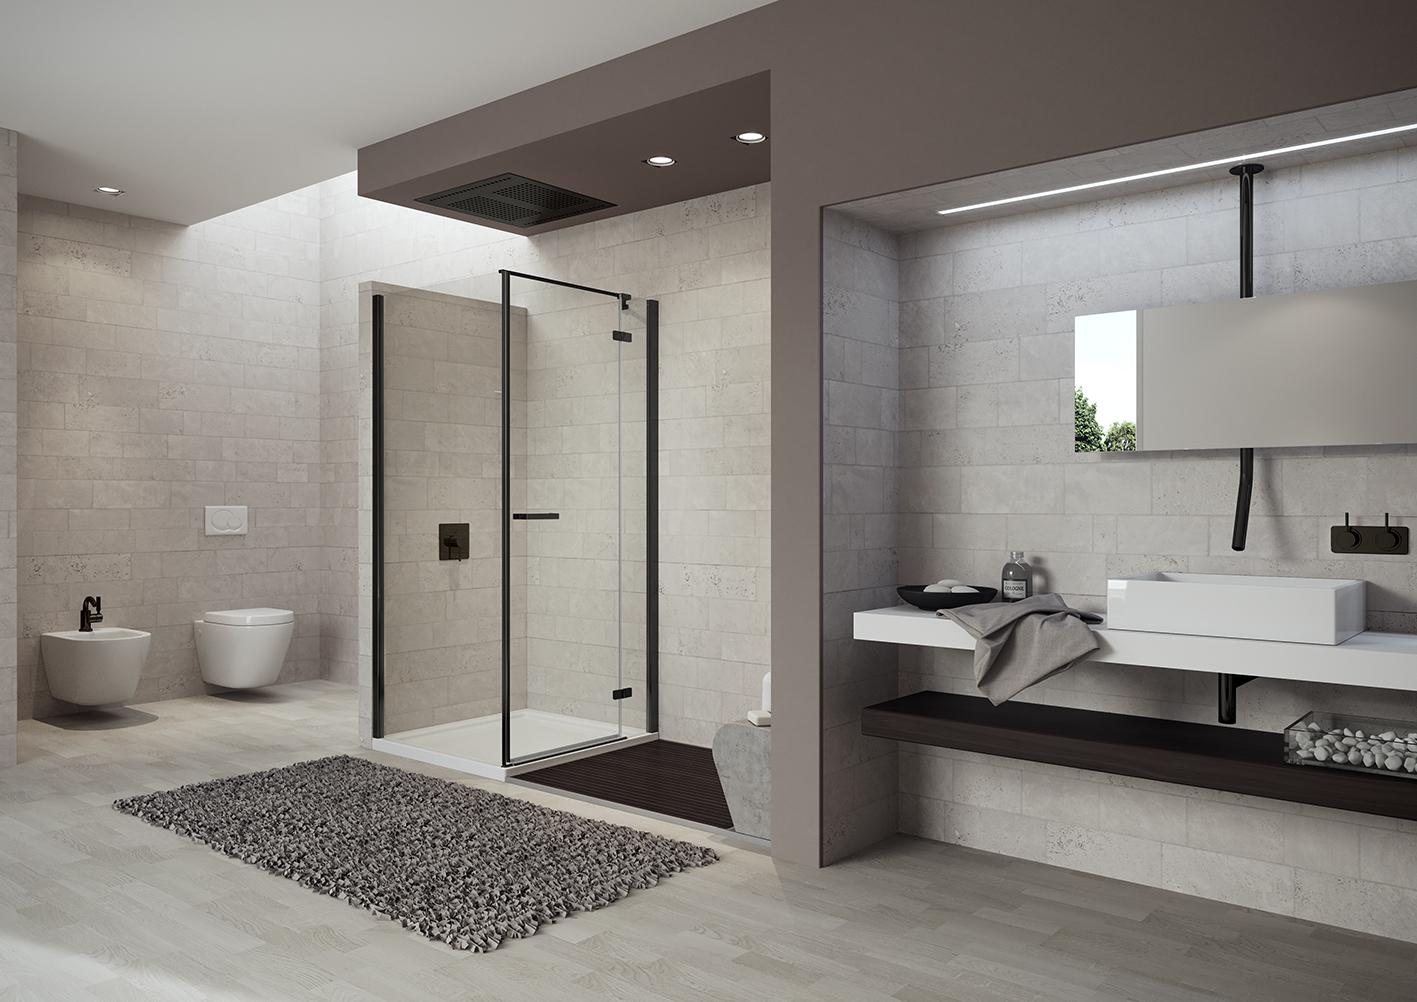 Nieuwe Badkamer Limburg : Badkamer en sanitair specialist jos nelissen bv